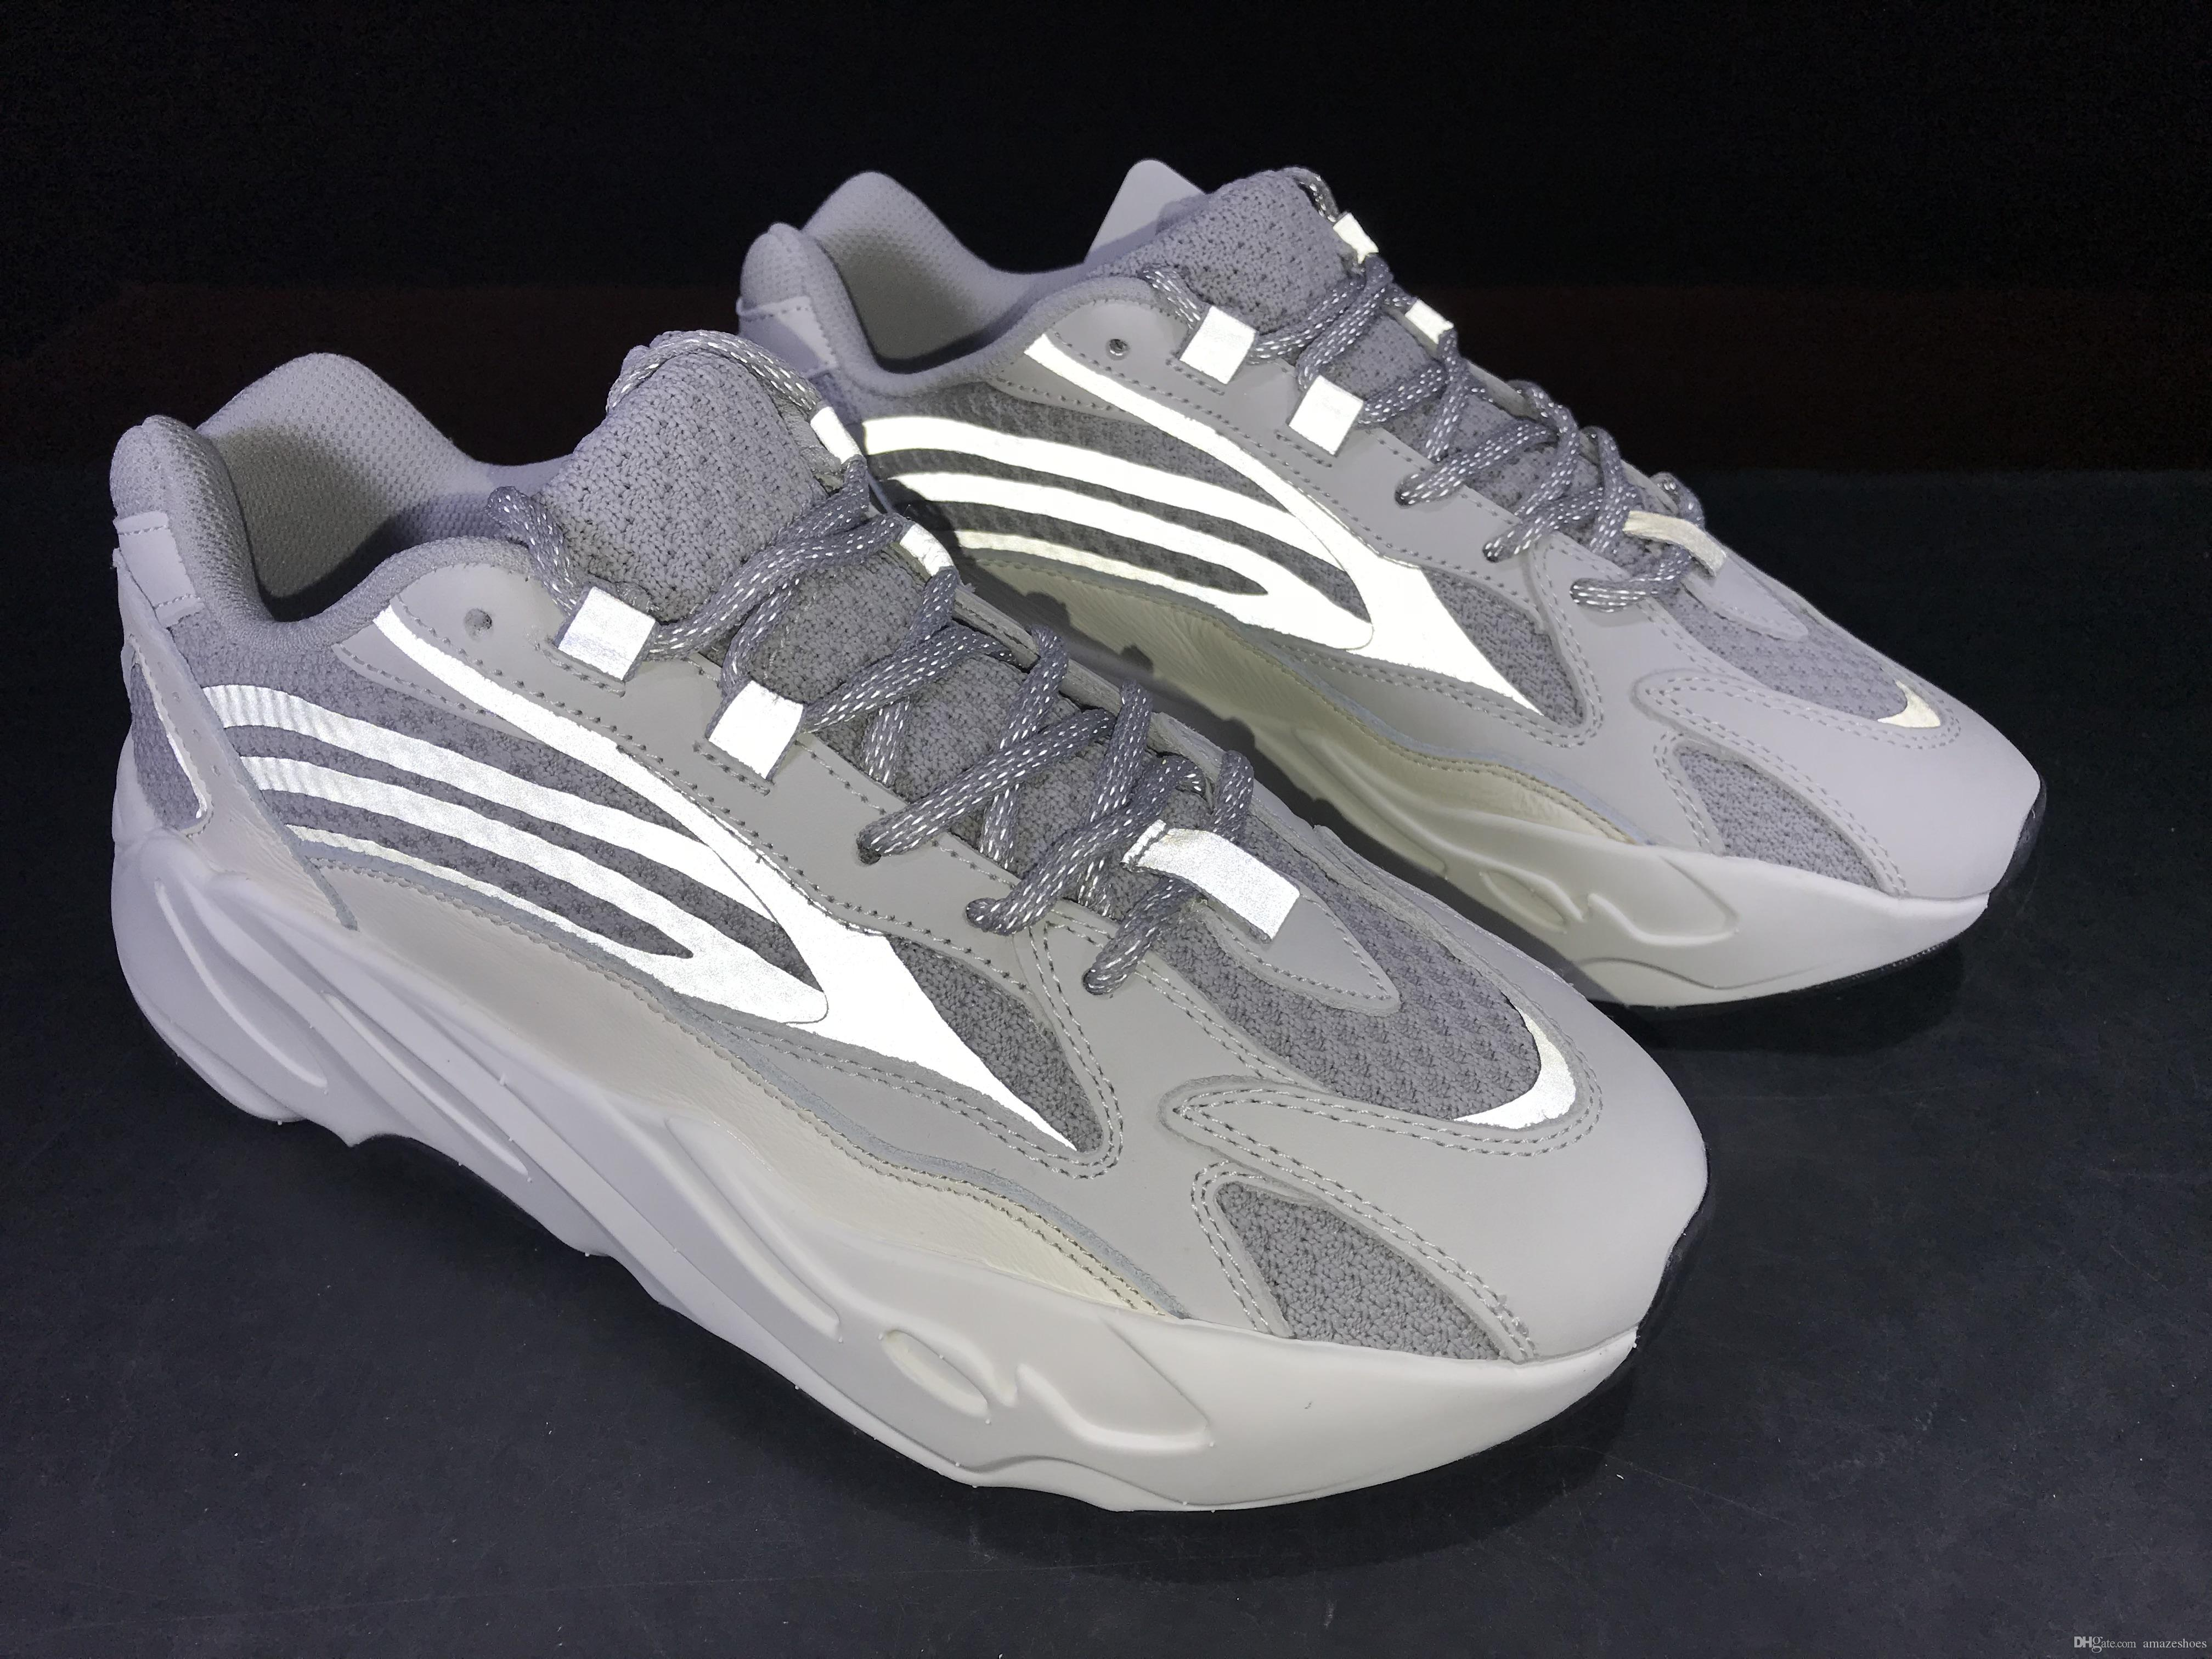 671a00fcc16 2019 New Kanye West 700 V2 Static EF2829 Wave Runner Running Shoes ...